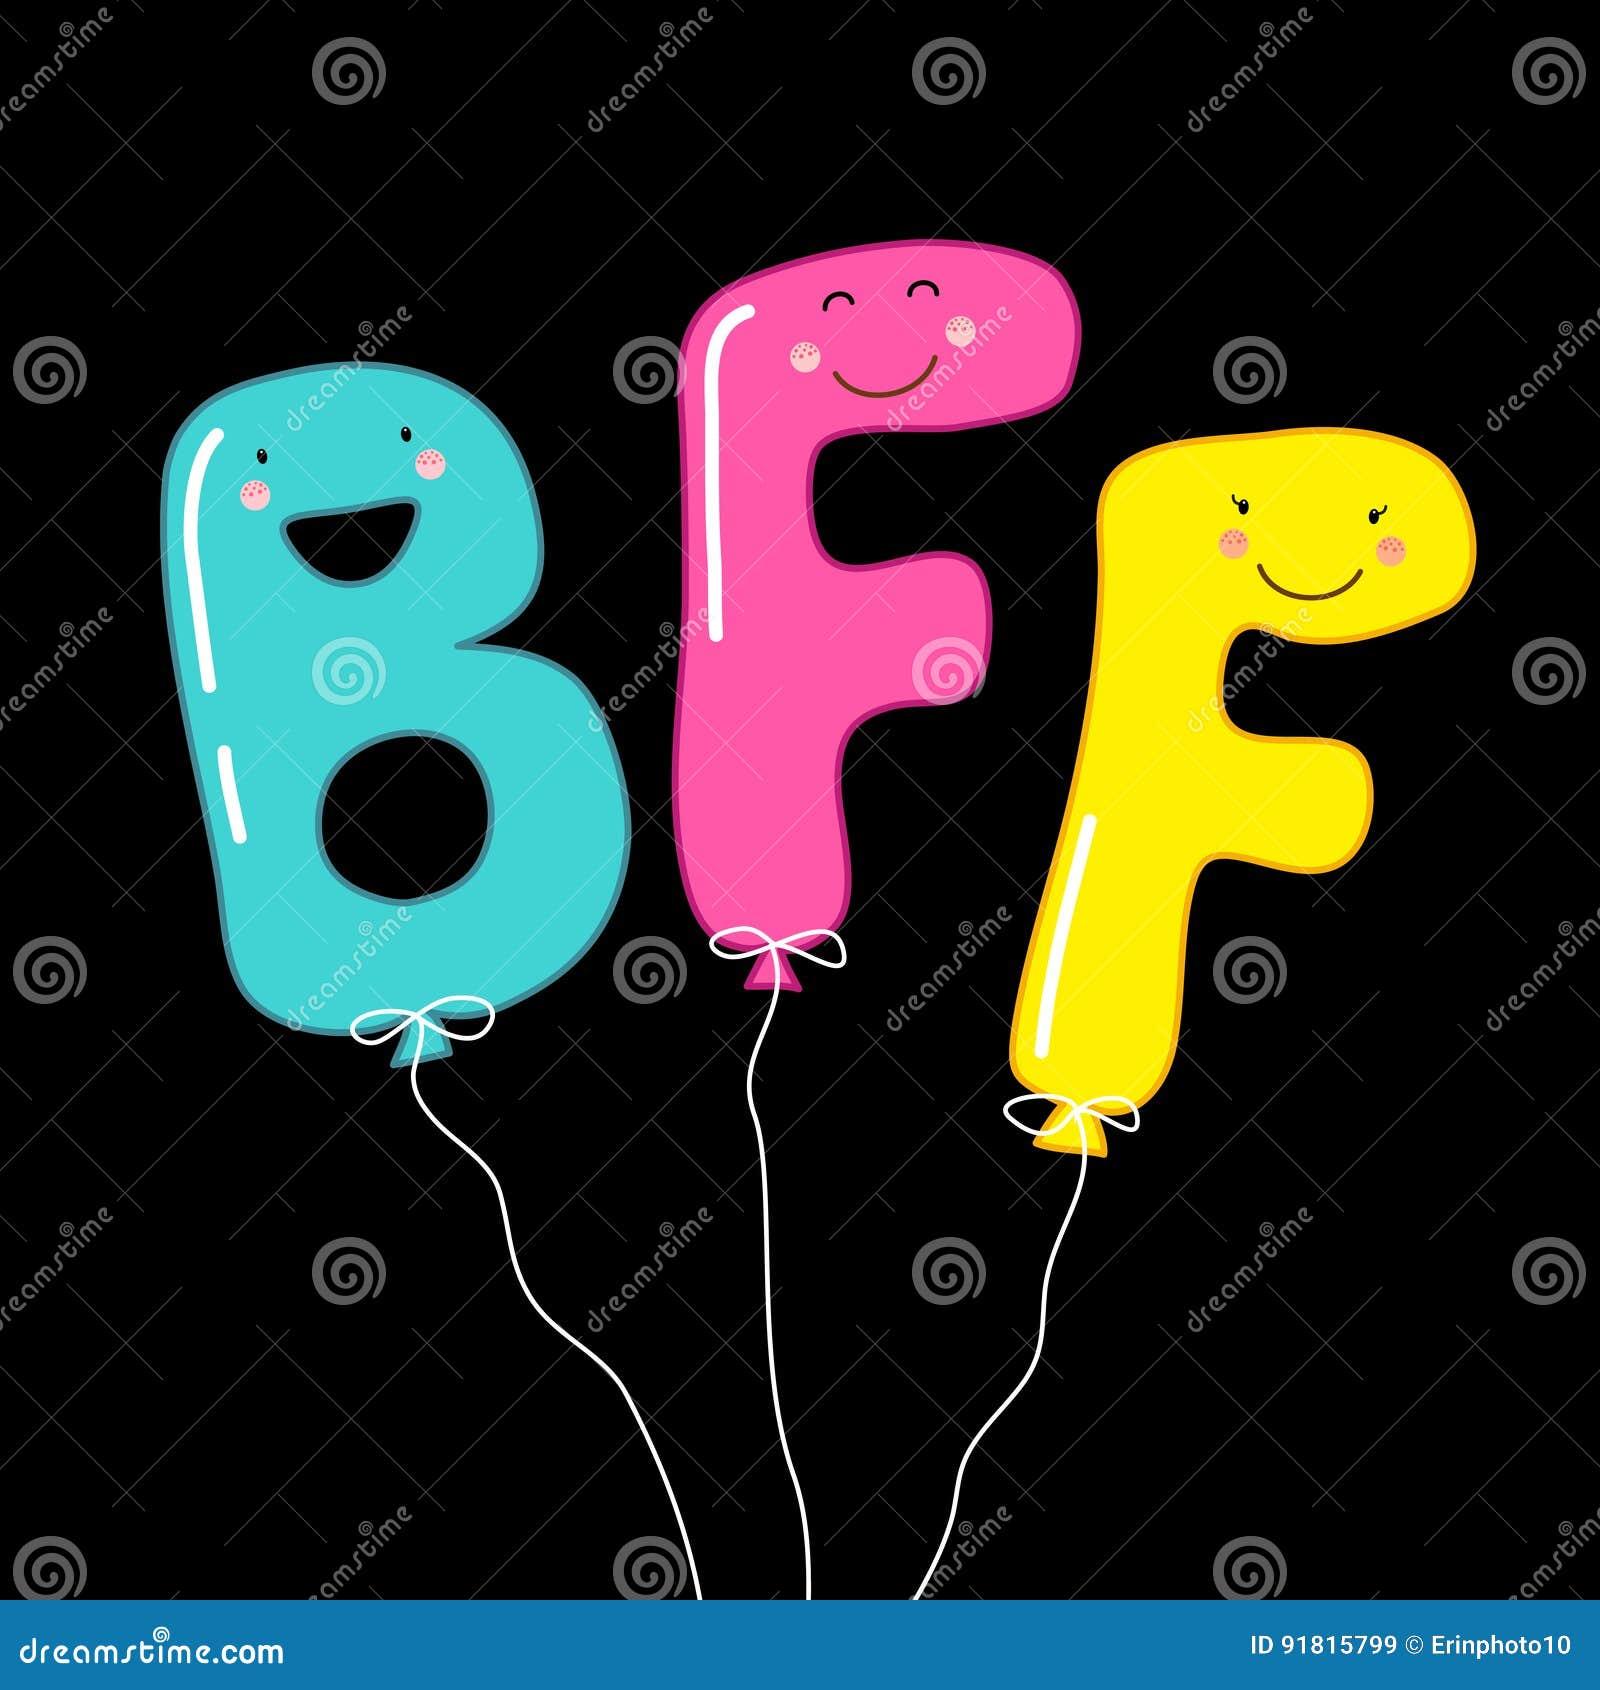 Los Personajes De Dibujos Animados Sonrientes Lindos De Los Mejores Amigos De Las Letras Bff Como Partido Hinchan Para Siempre Ilustracion Del Vector Ilustracion De Animados Sonrientes 91815799